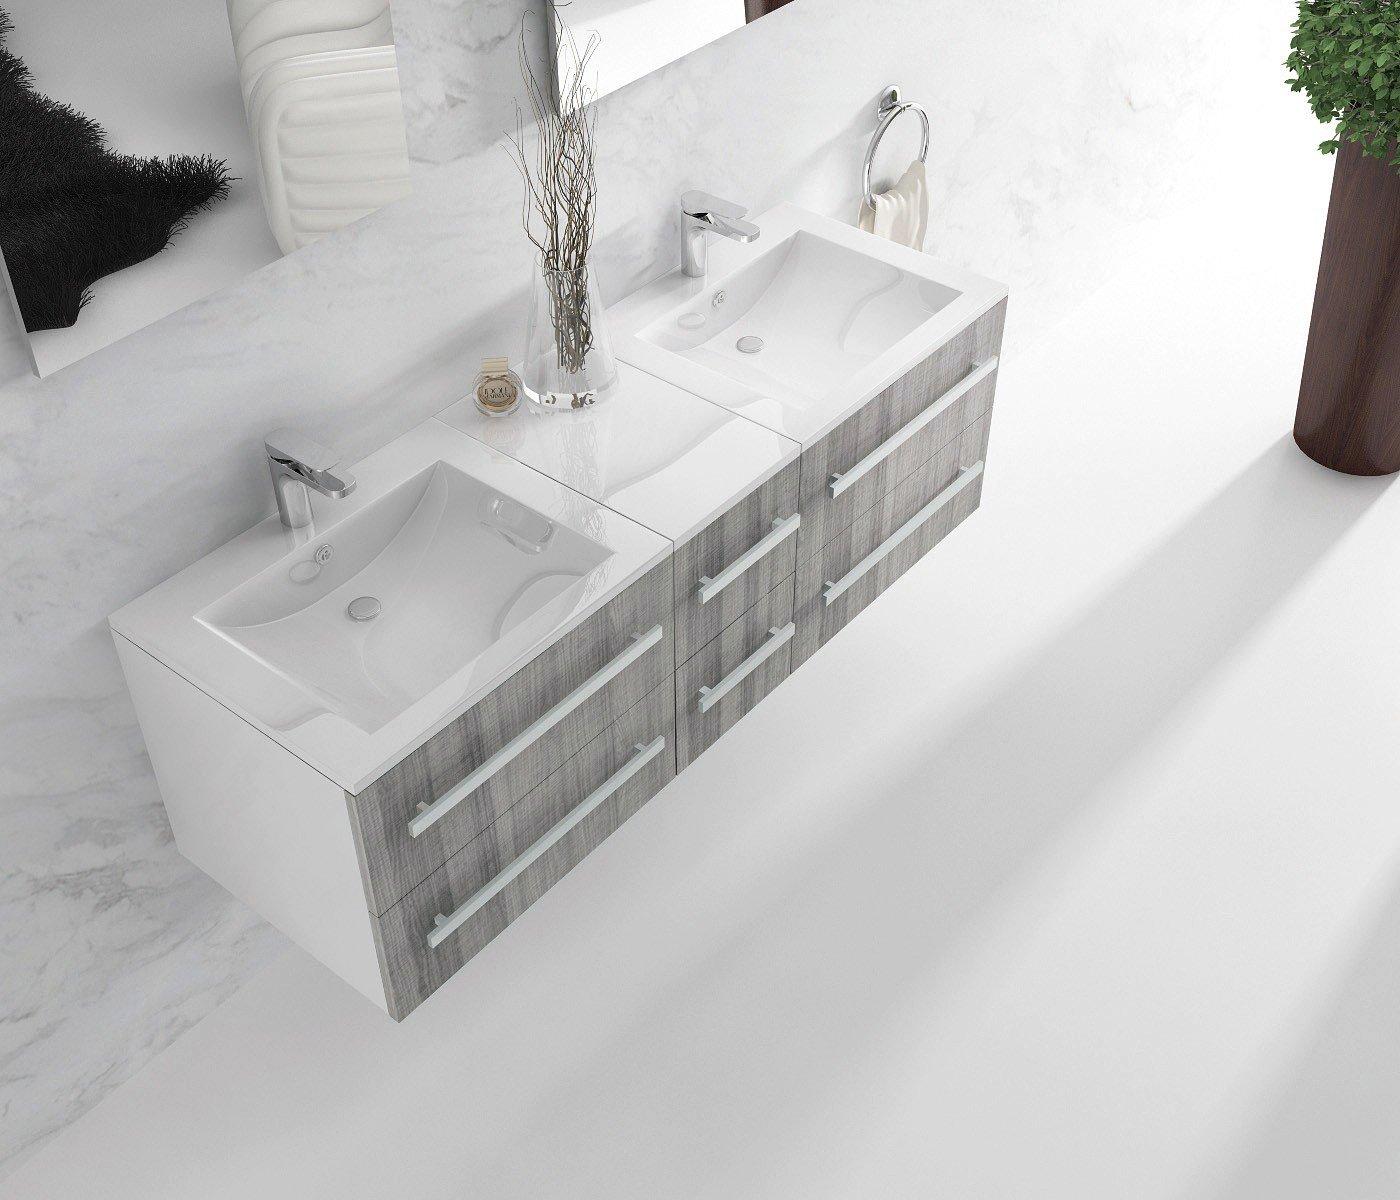 Awesome meuble salle de bain un vasque avec 2 mitigeurs - Vasque encastrable salle de bain ...